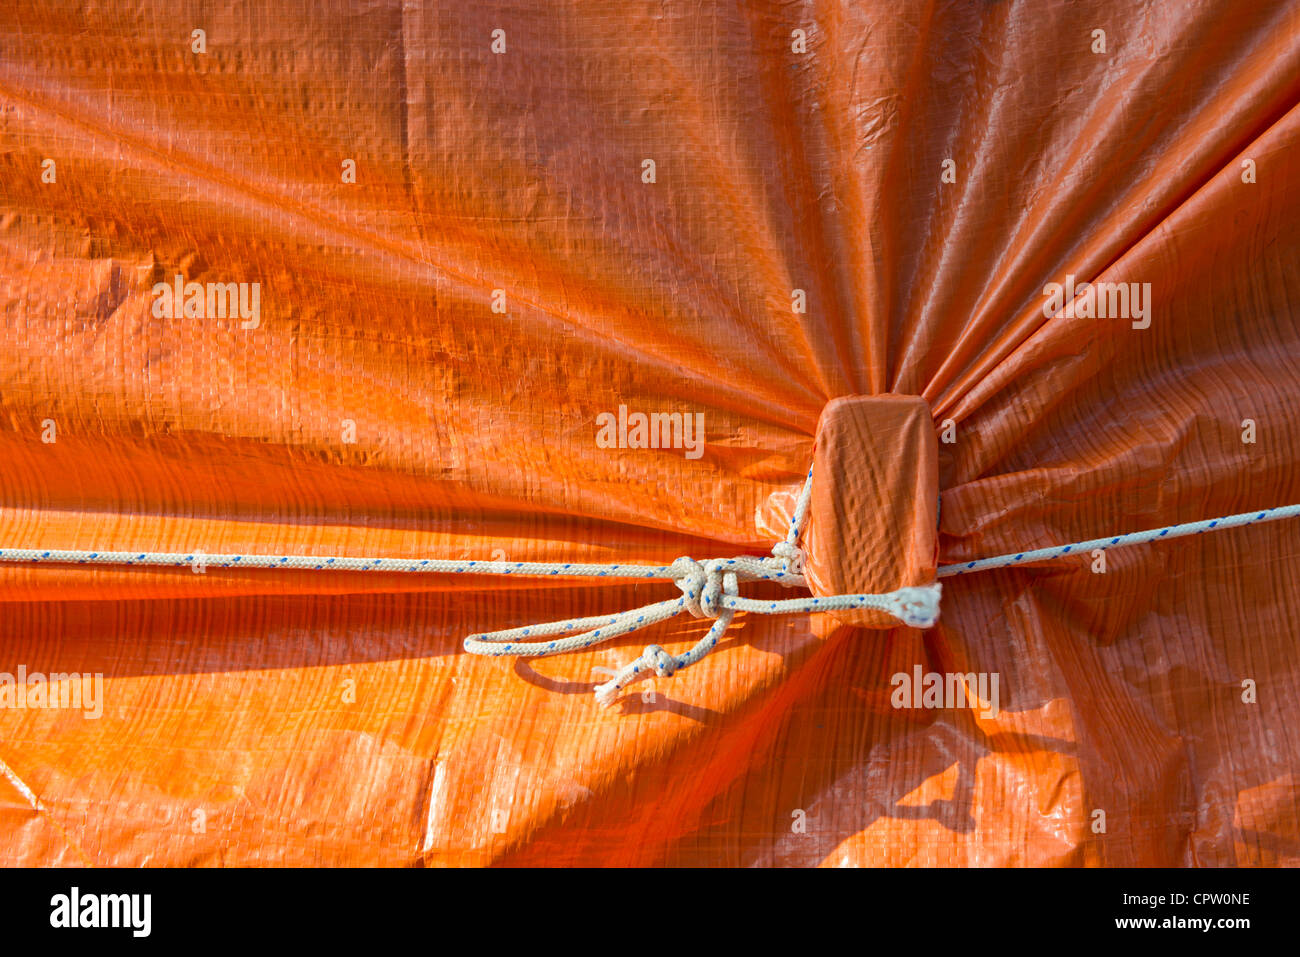 Nodo, fissando un arancio foglio di copertura Immagini Stock